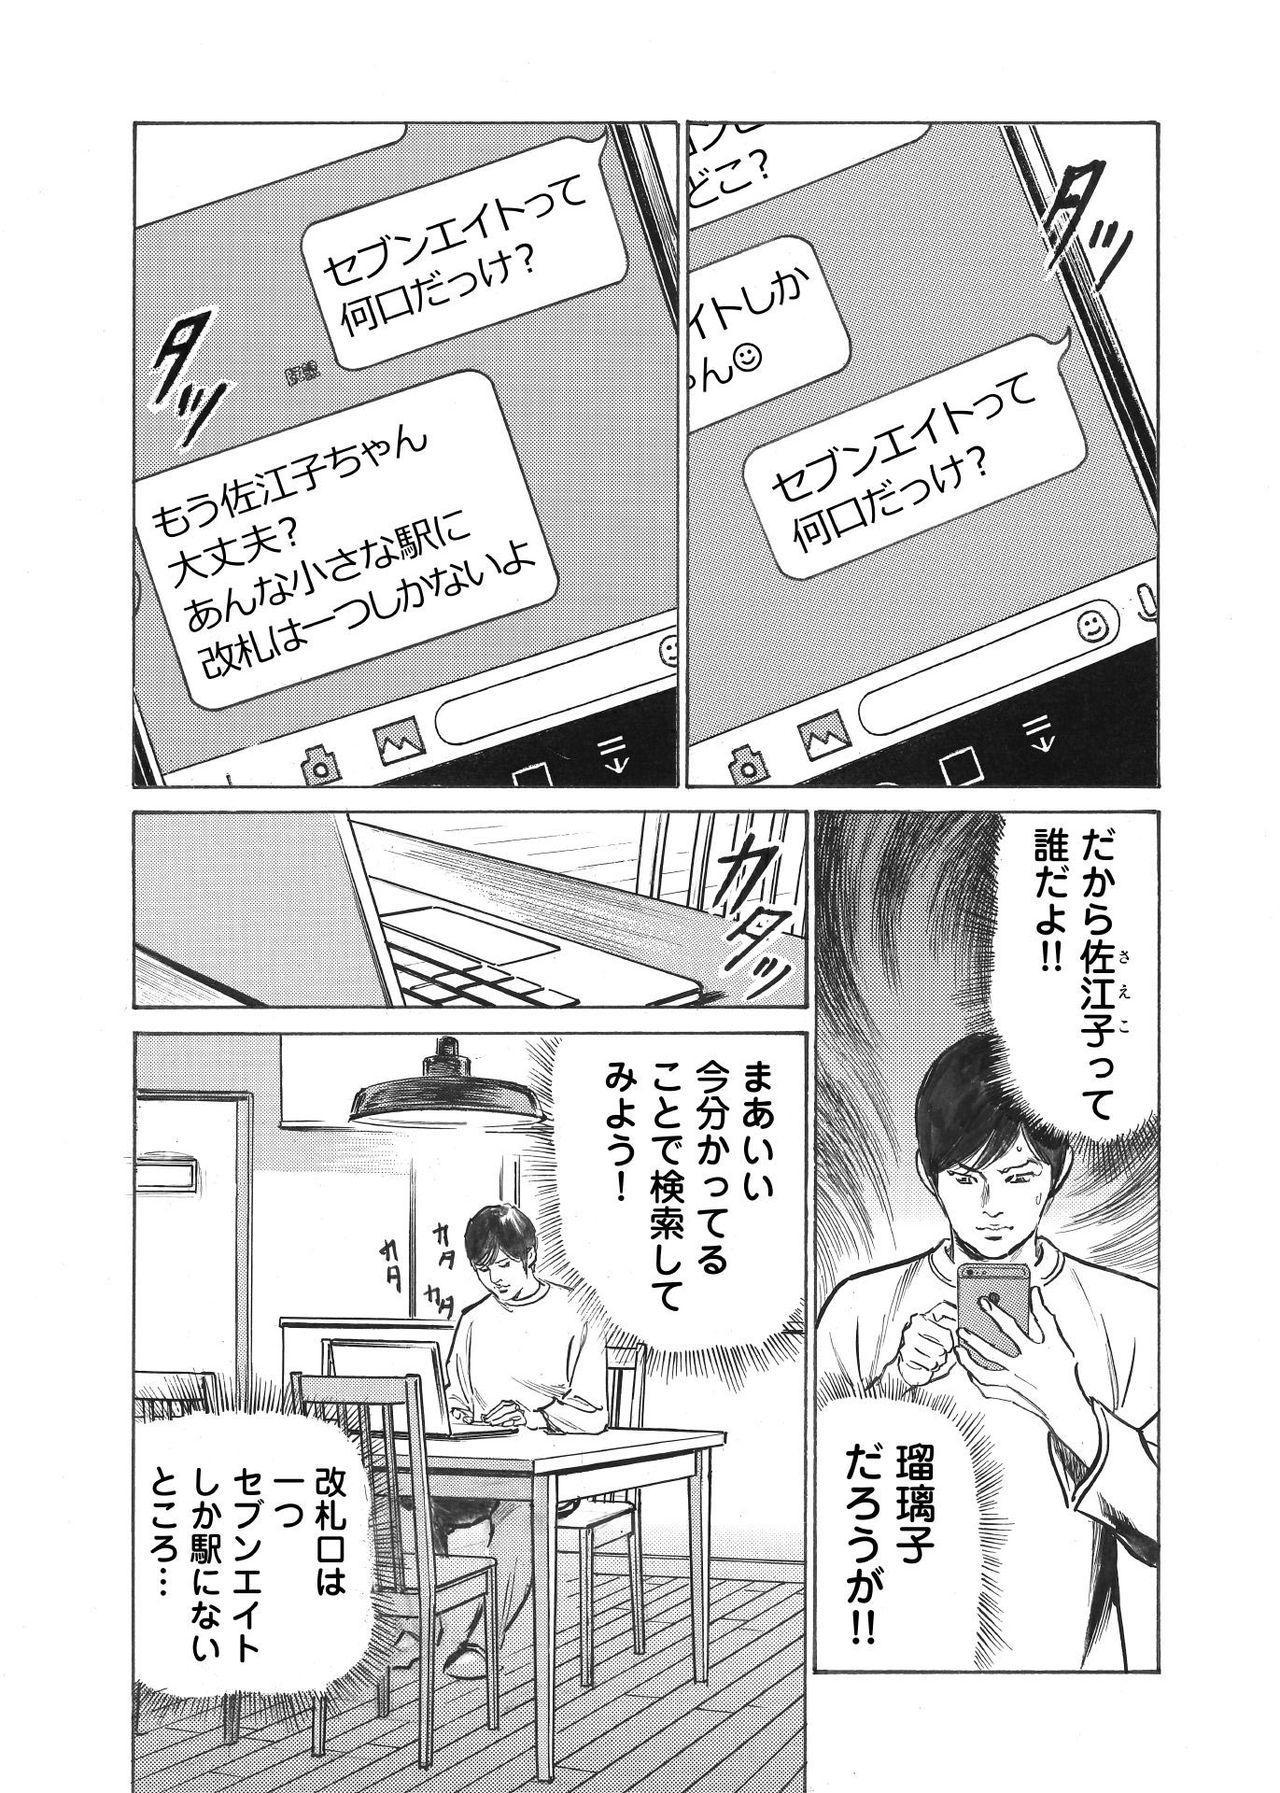 Ore wa Tsuma no Koto o Yoku Shiranai 1-9 34